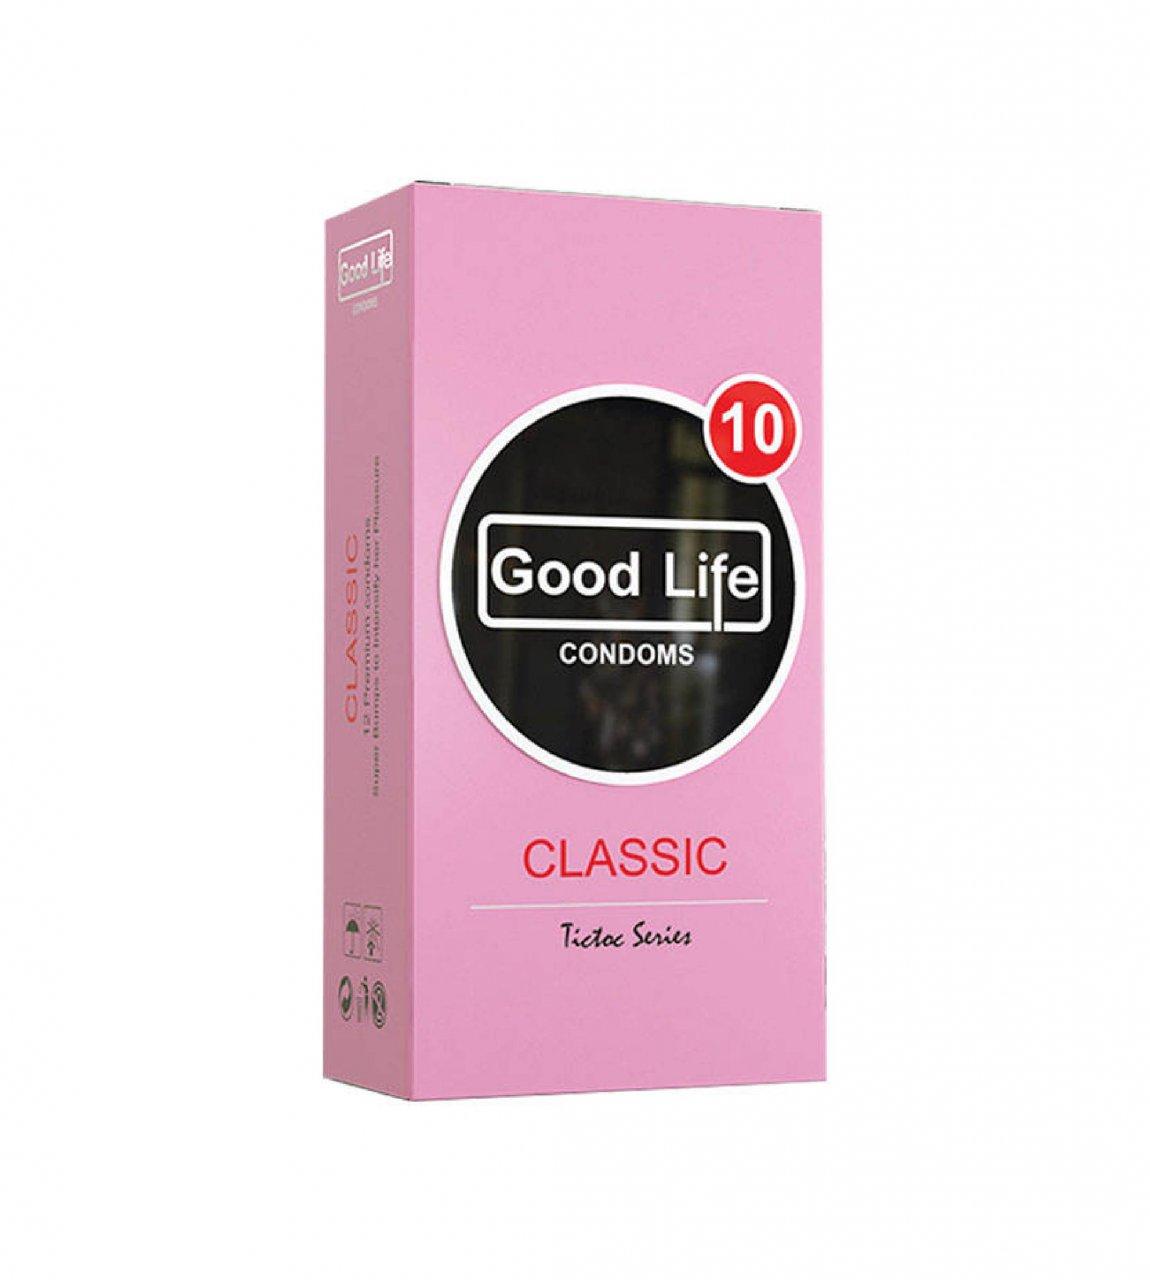 کاندوم گودلایف مدل CLASSIC بسته 12 عددی